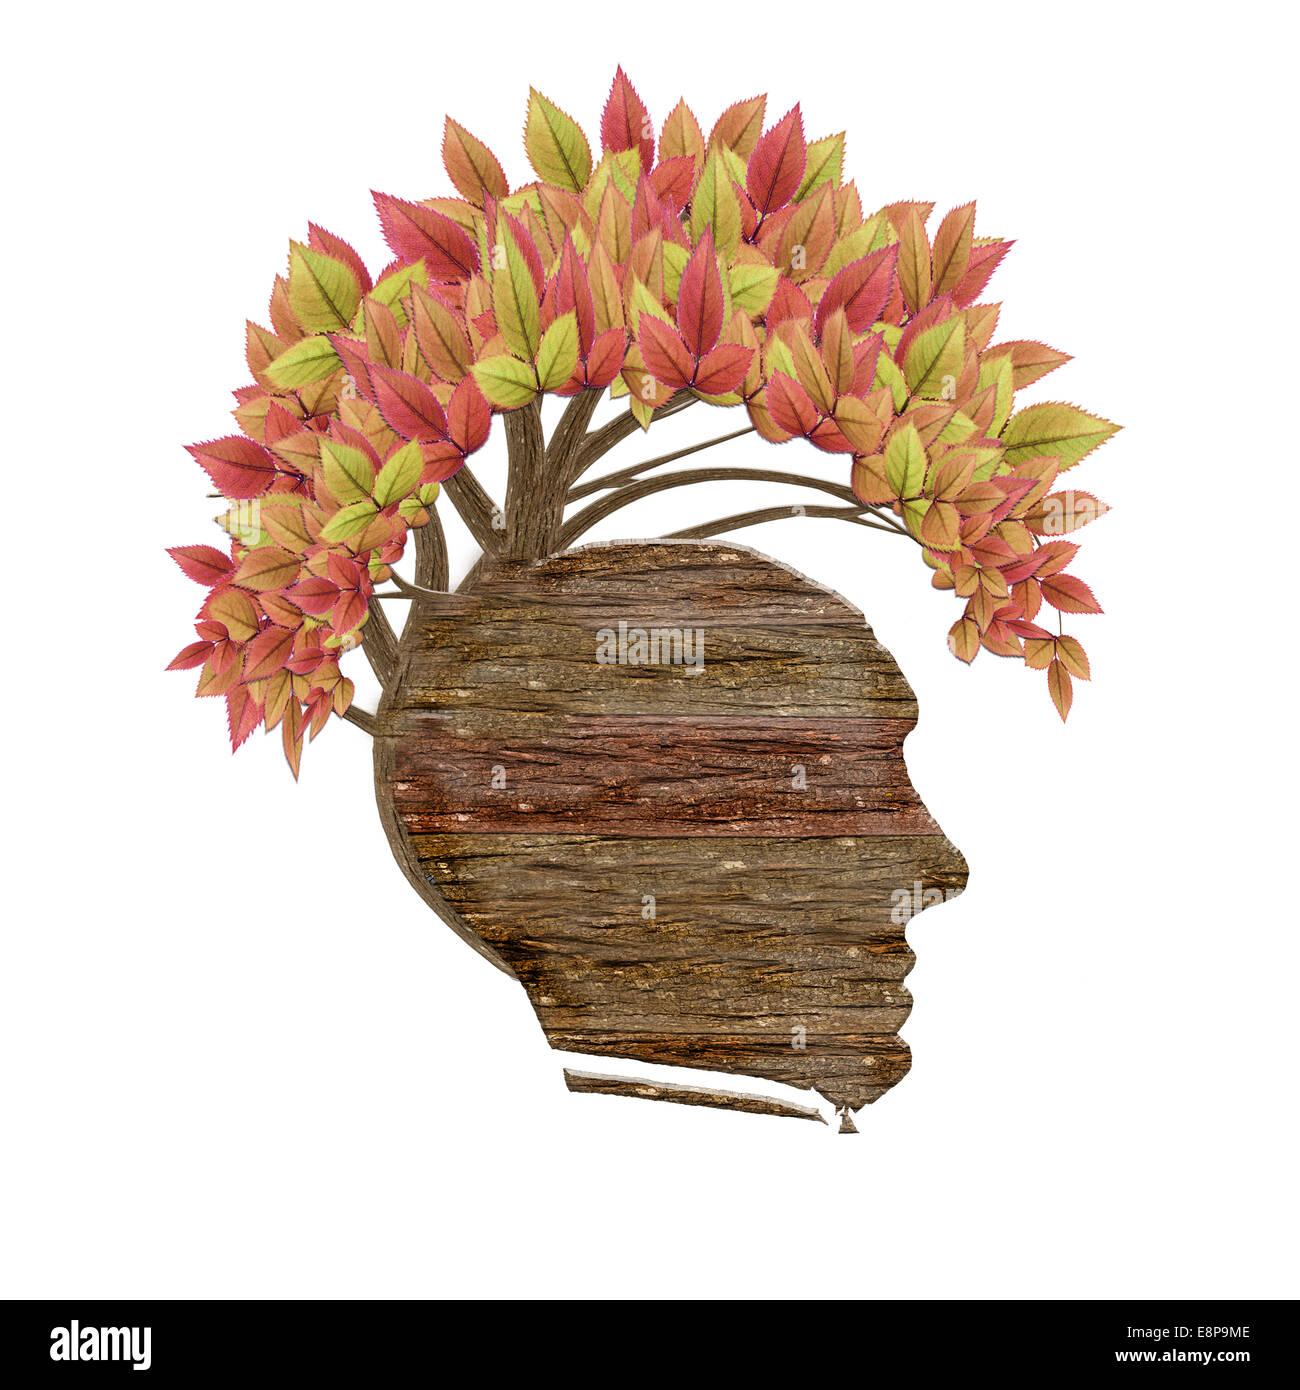 Isolierte Holz menschlichen Kopf und Blätter Stockbild